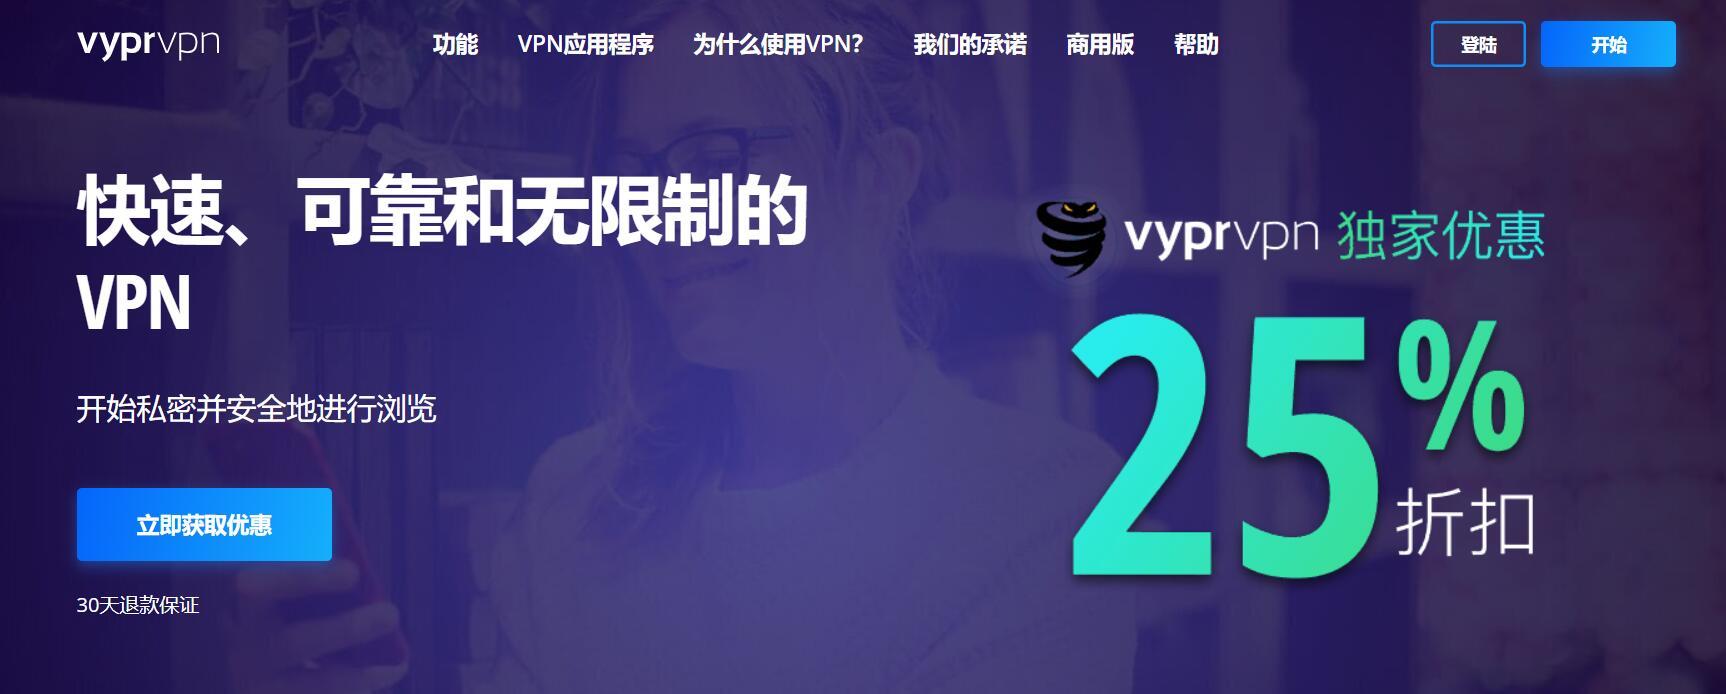 付费VPN推荐-VyprVPN 01